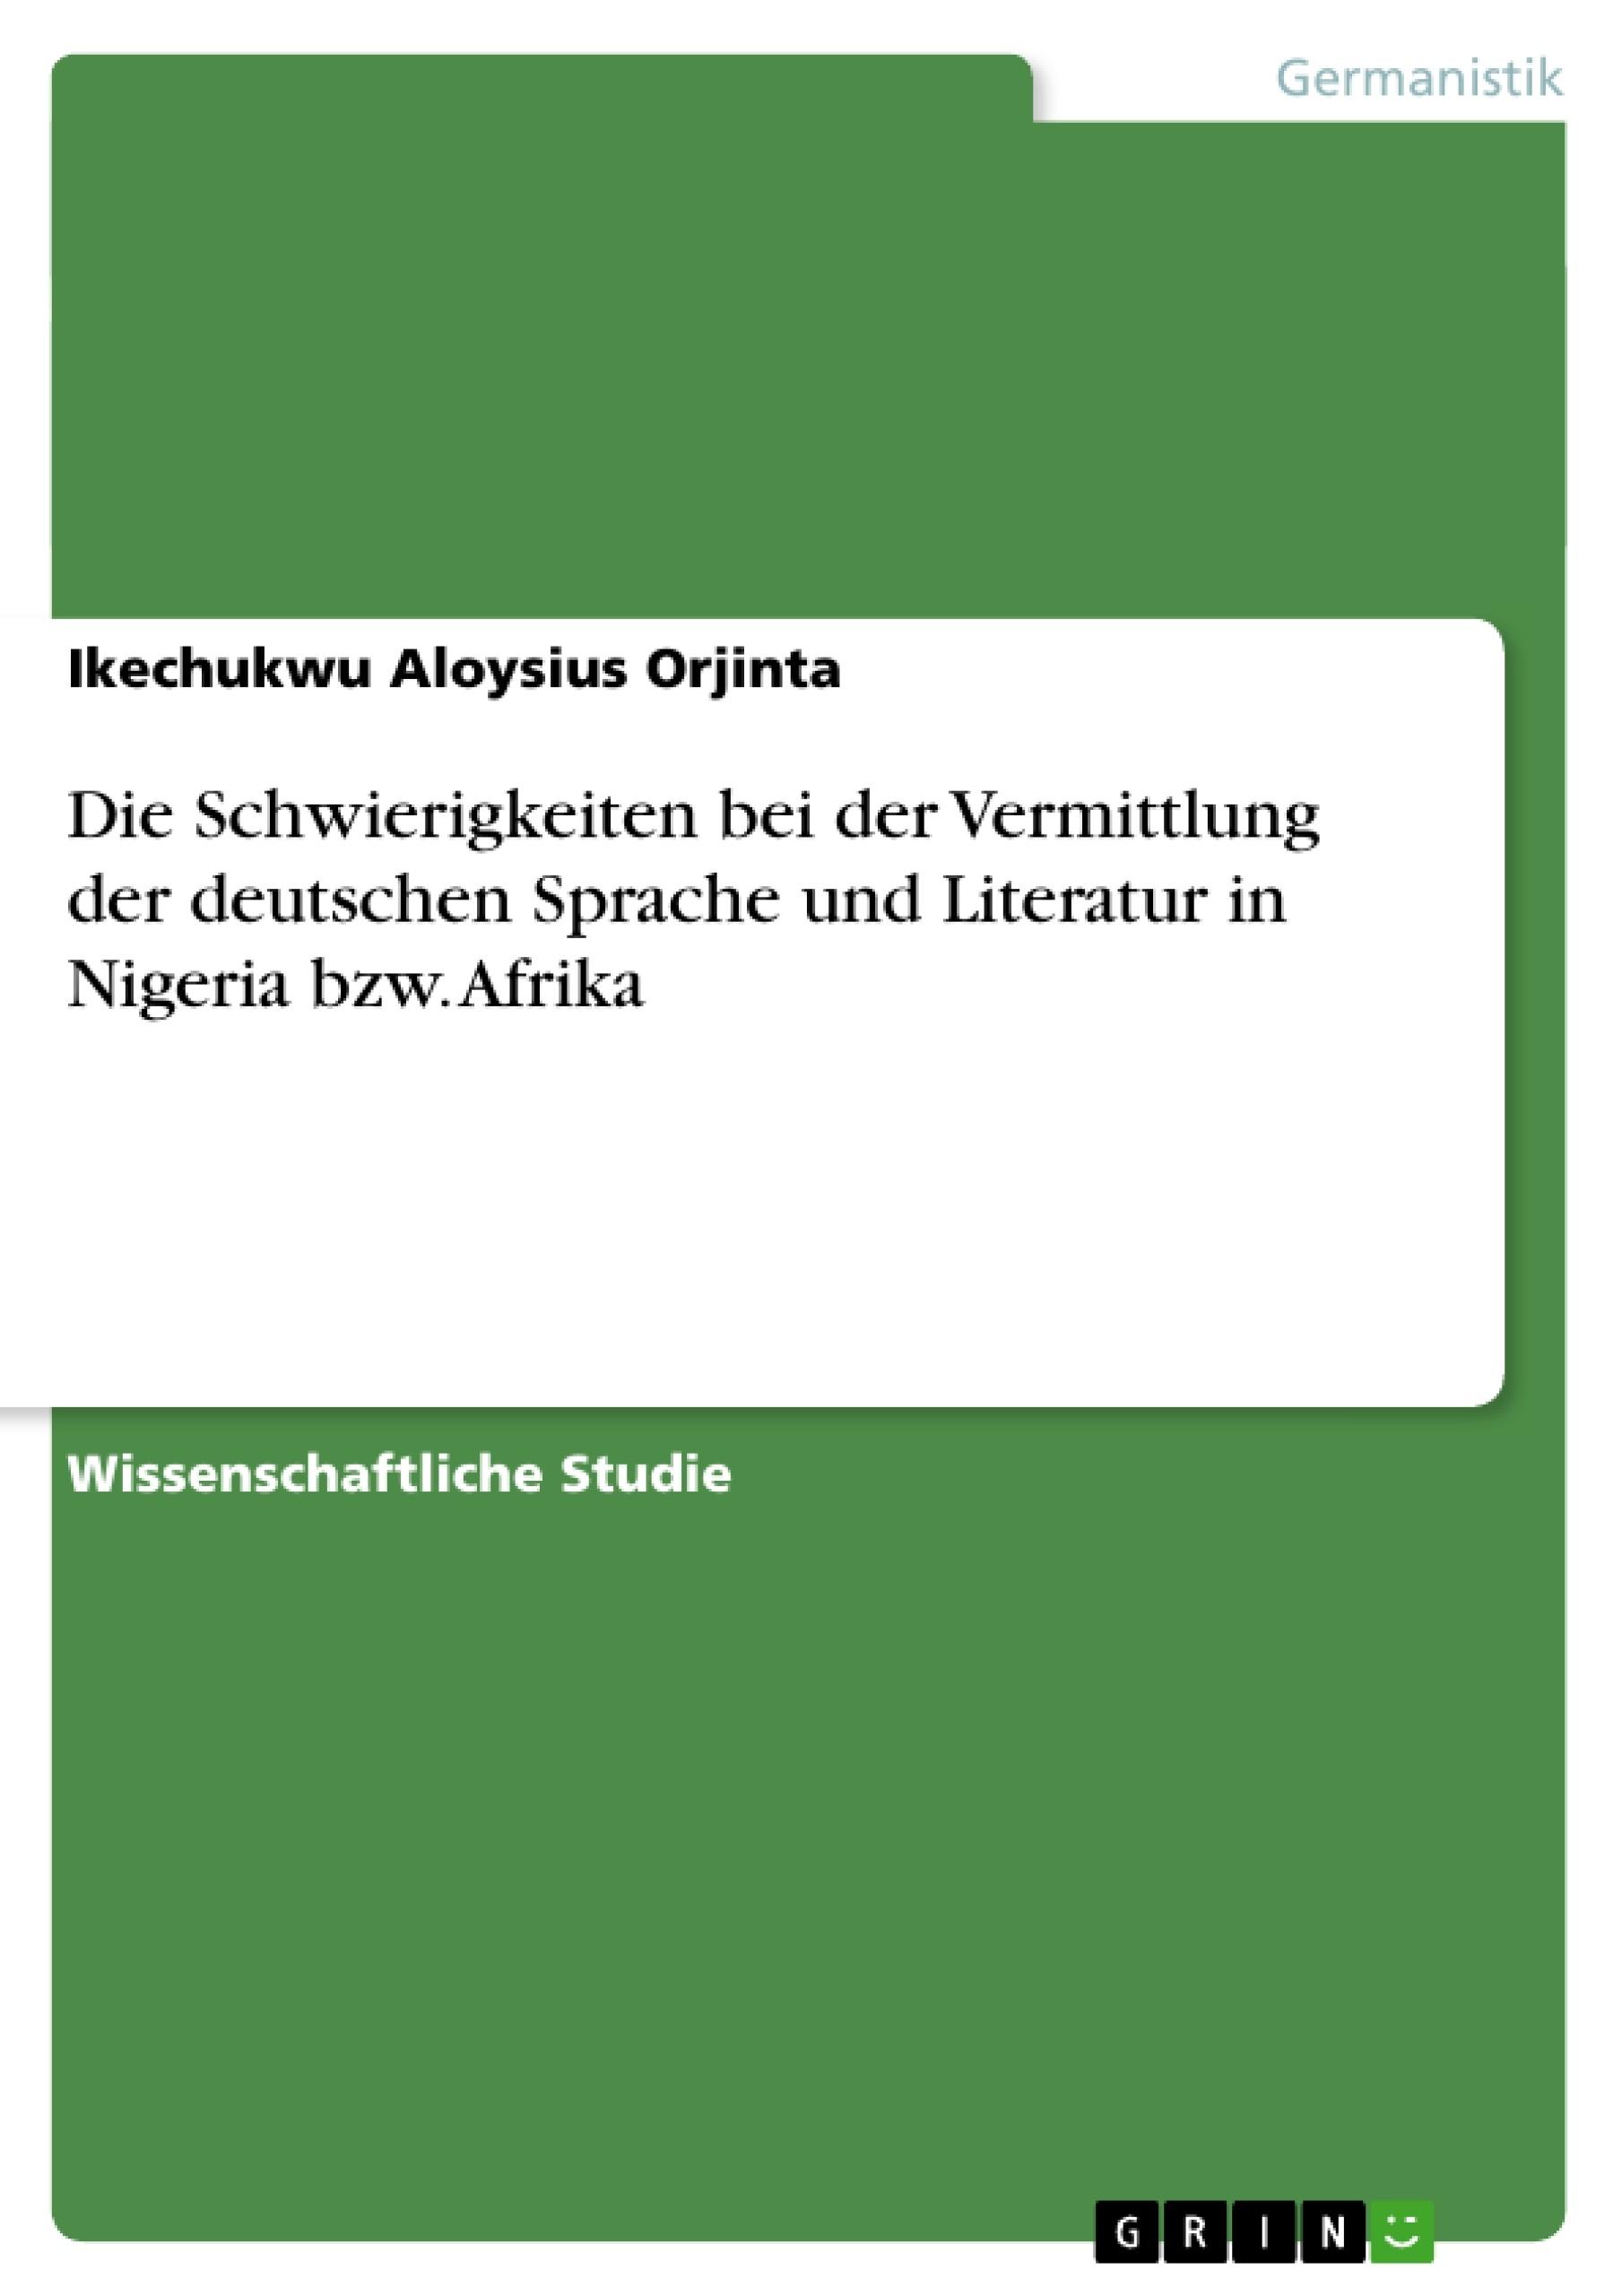 Titel: Die Schwierigkeiten bei der Vermittlung der deutschen Sprache und Literatur in Nigeria bzw. Afrika